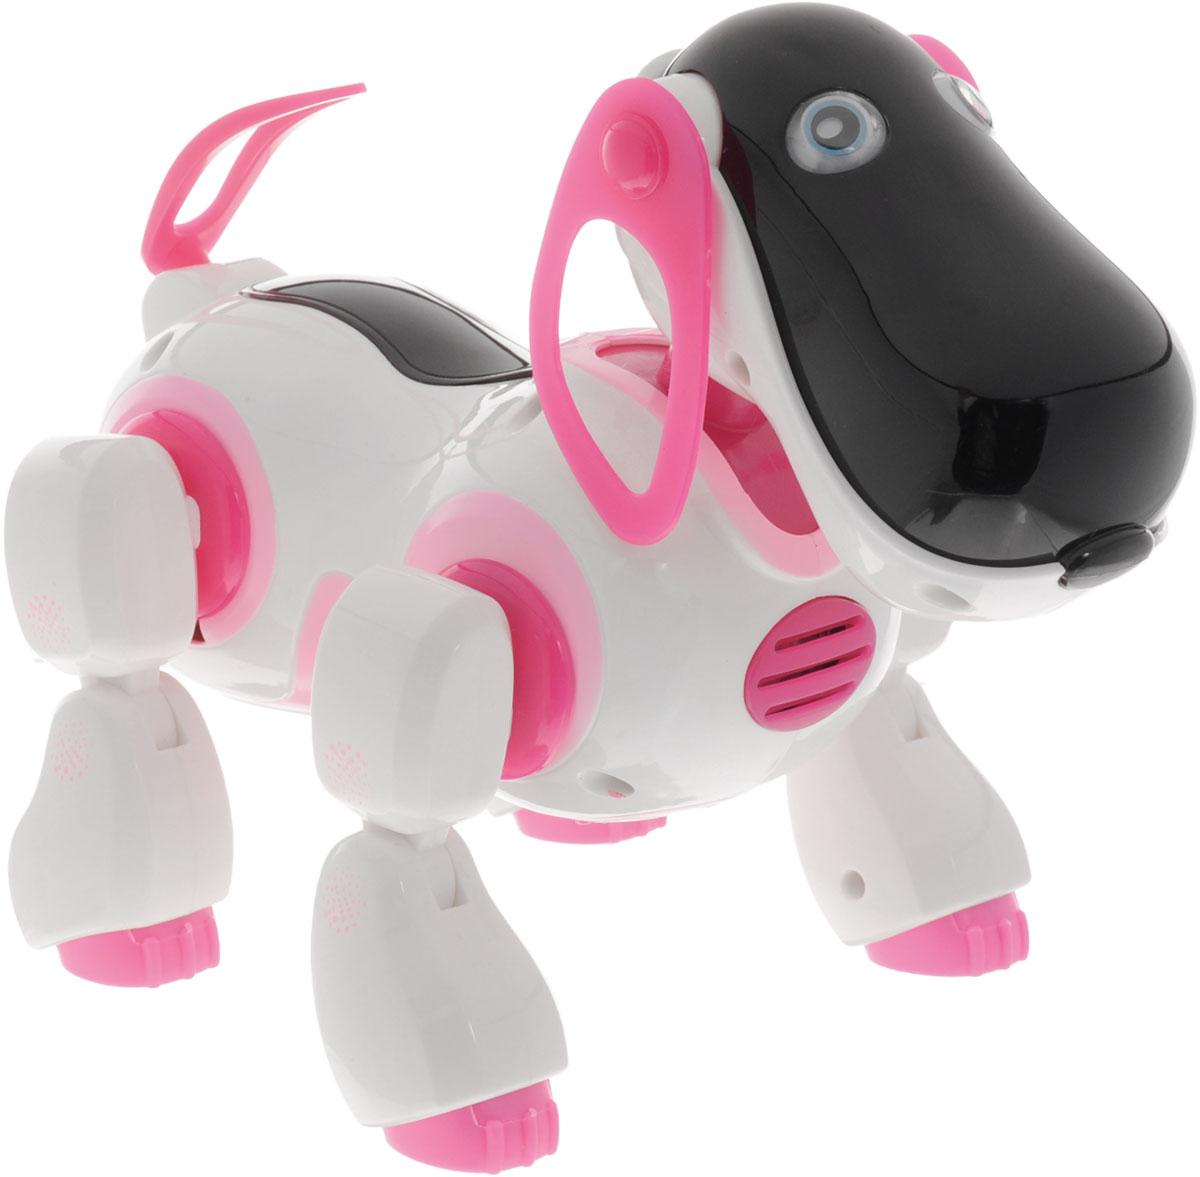 Играем вместе Интерактивный робопес на инфракрасном управлении цвет белый розовыйB903251-R_розовыйИнтерактивный робопес на инфракрасном управлении Играем вместе станет настоящим другом вашему малышу. С такой игрушкой вашему ребенку никогда не будет скучно. Сделайте своему малышу такой замечательный подарок. Игрушка изготовлена из высококачественных материалов и безопасна для здоровья. Игрушечная собачка готова не только играть и весело проводить время с ребенком, но и помочь ему в изучении математики. Также она умеет ходить вперед и назад, бегать, вилять хвостом и даже танцевать! Робопес поет песни и рассказывает стихи. Для работы игрушки рекомендуется докупить 4 батарейки напряжением 1,5V типа АА (товар комплектуется демонстрационными). Для работы пульта управления рекомендуется докупить 2 батарейки напряжением 1,5V типа АА (товар комплектуется демонстрационными).